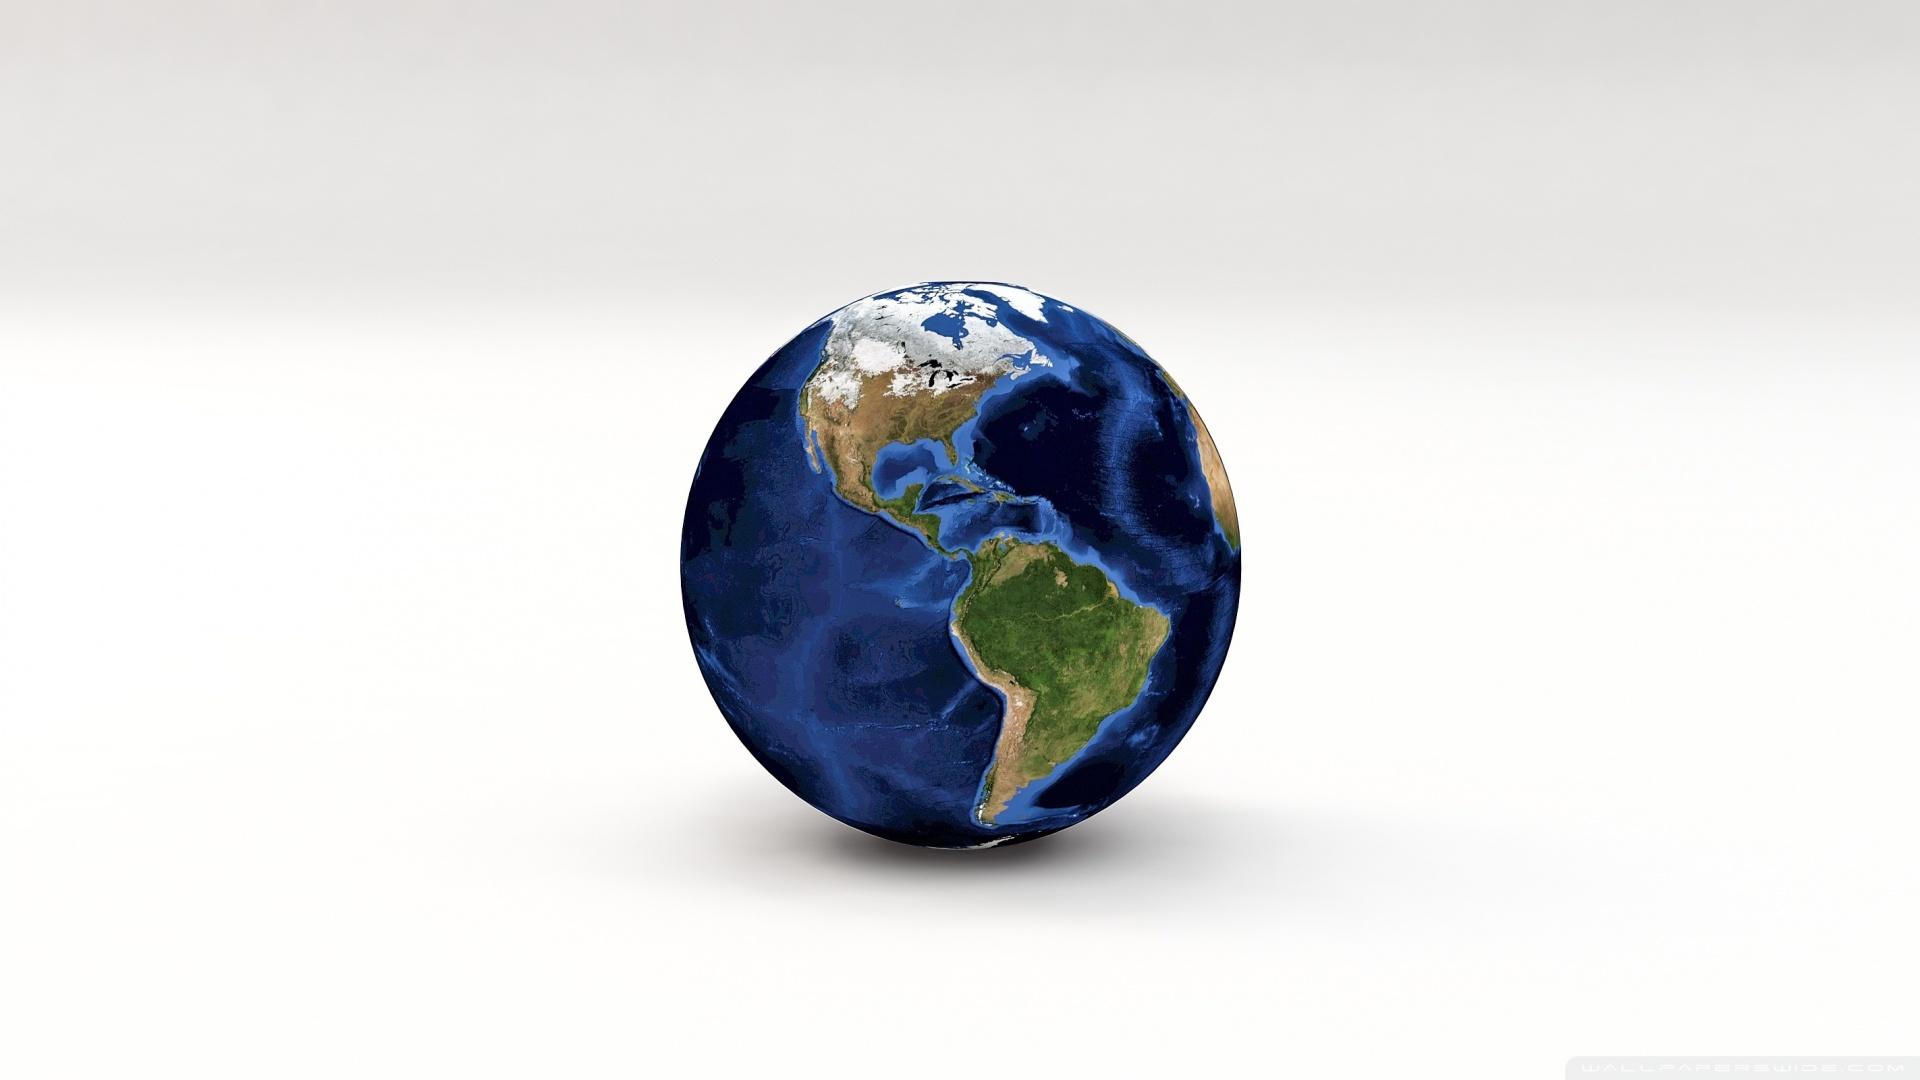 简约又个性的地球PPT背景图片免费下载是由PPT宝藏(www.pptbz.com)会员zengmin上传推荐的淡雅PPT背景图片, 更新时间为2017-01-15,素材编号119543。 地球是目前发现的星球中人类生存的唯一星球。 地球会与外层空间的其他天体相互作用,包括太阳和月球。当前,地球绕太阳公转一周所需的时间是自转的366.